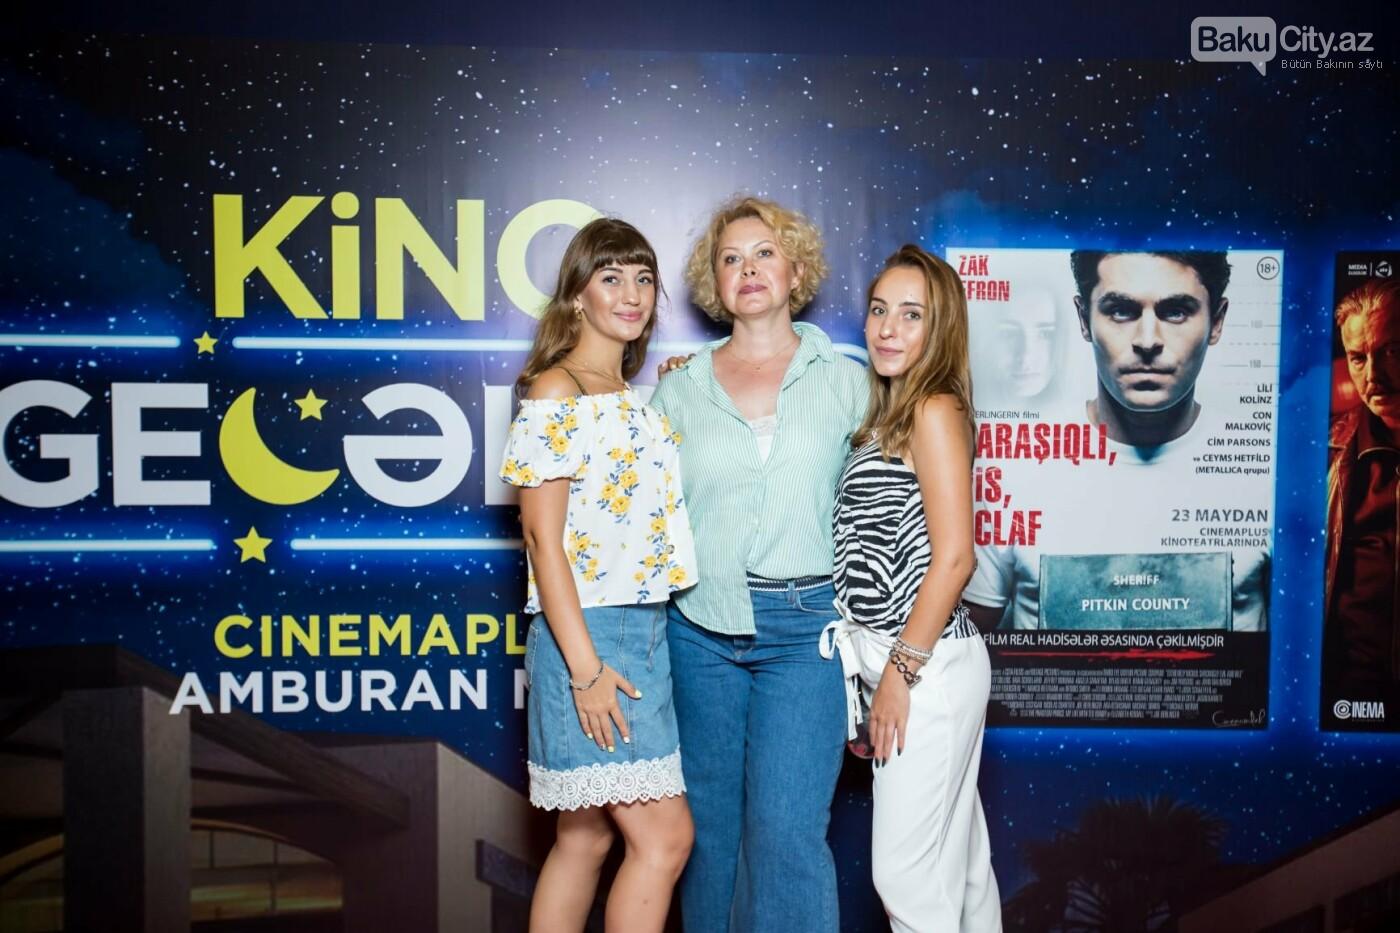 """Bakıda üç filmin nümayişi ilə """"Kino Gecəsi"""" keçirildi - FOTO, fotoşəkil-9"""